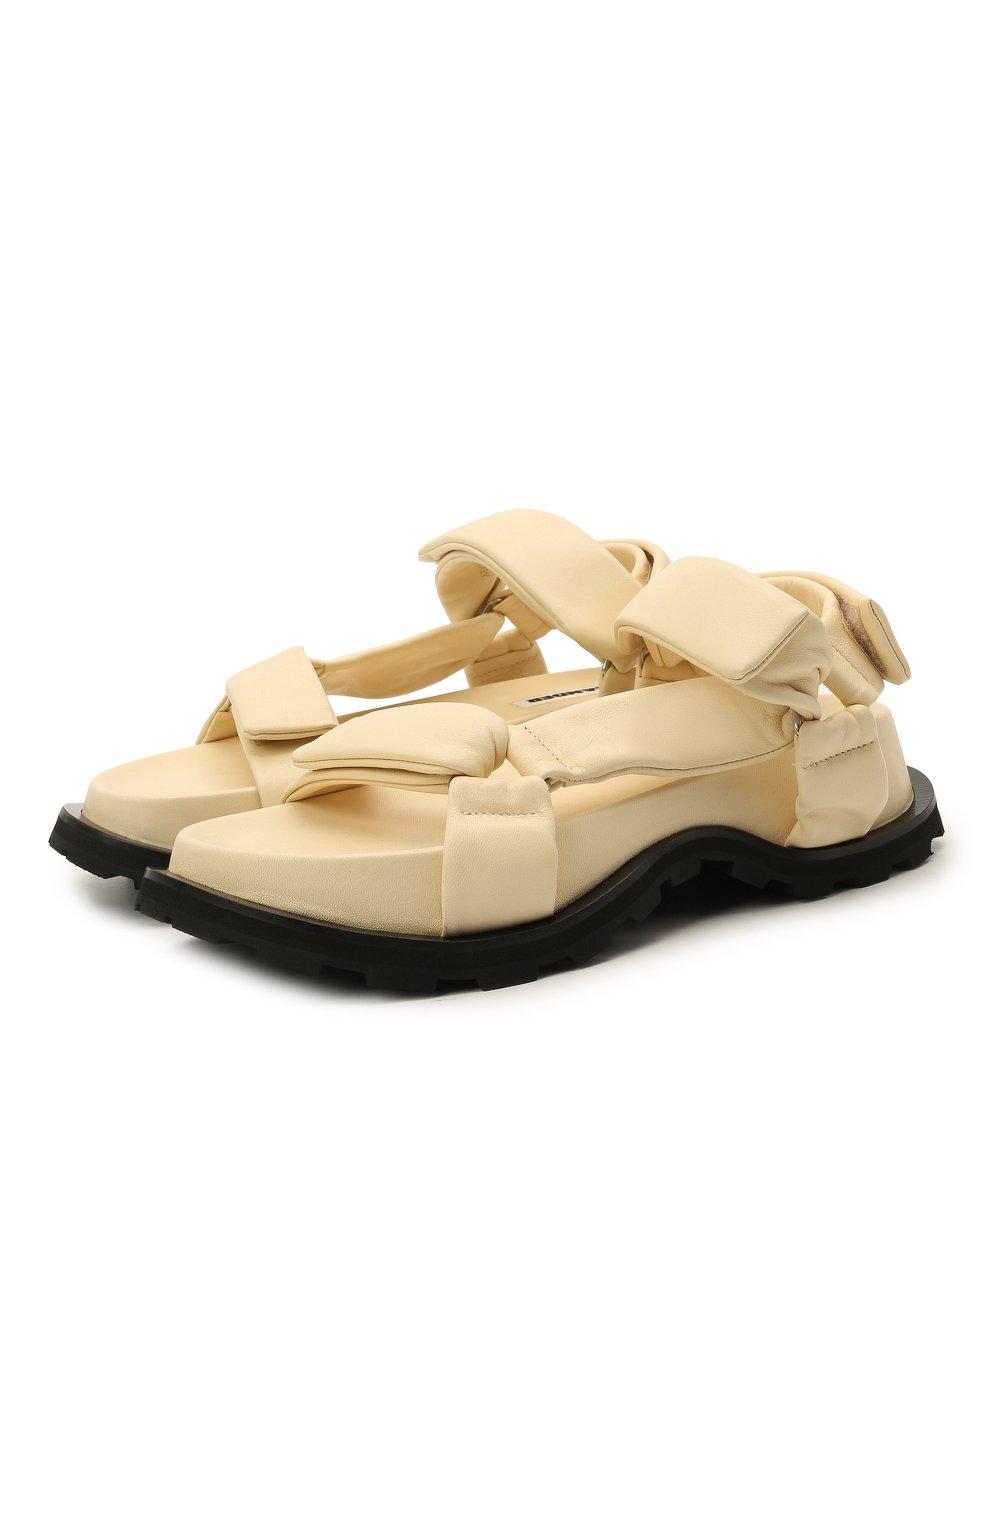 Женские кожаные сандалии JIL SANDER бежевого цвета, арт. JS36045A-13010   Фото 1 (Подошва: Платформа; Каблук высота: Низкий; Материал внутренний: Натуральная кожа)